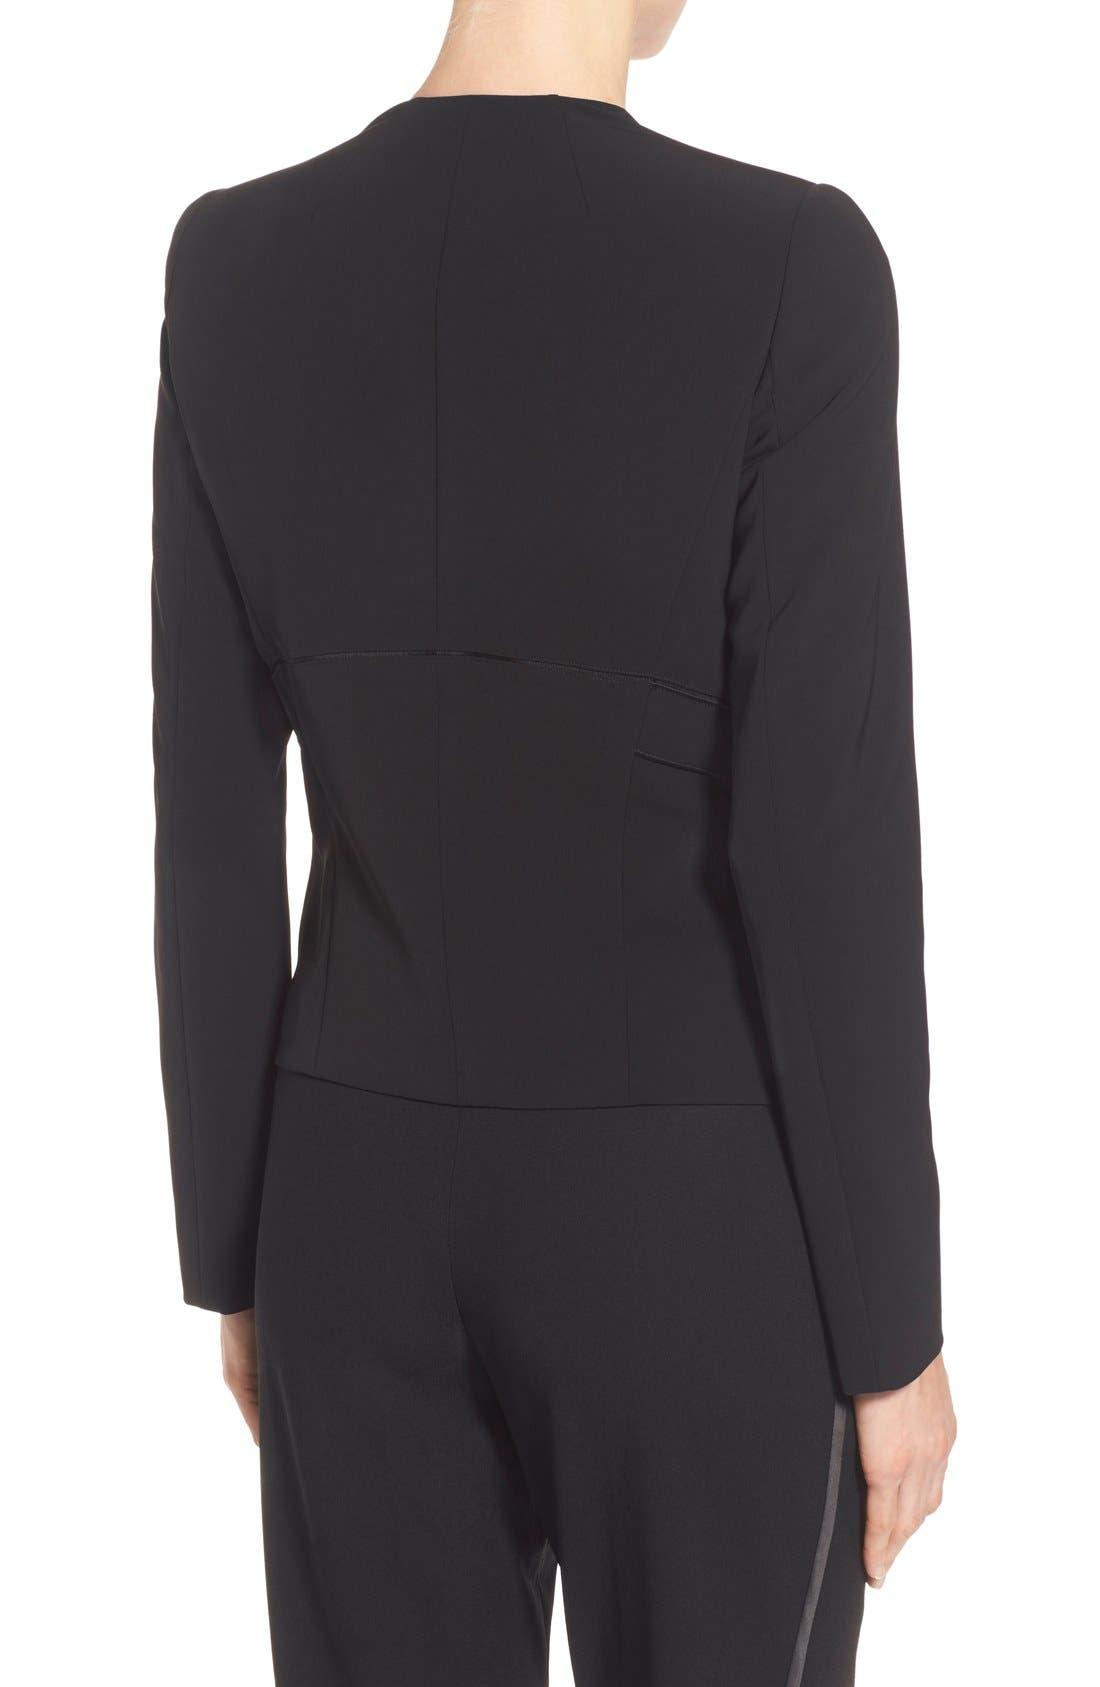 'Sukie' Sleek Tech Cloth Jacket,                             Alternate thumbnail 6, color,                             001